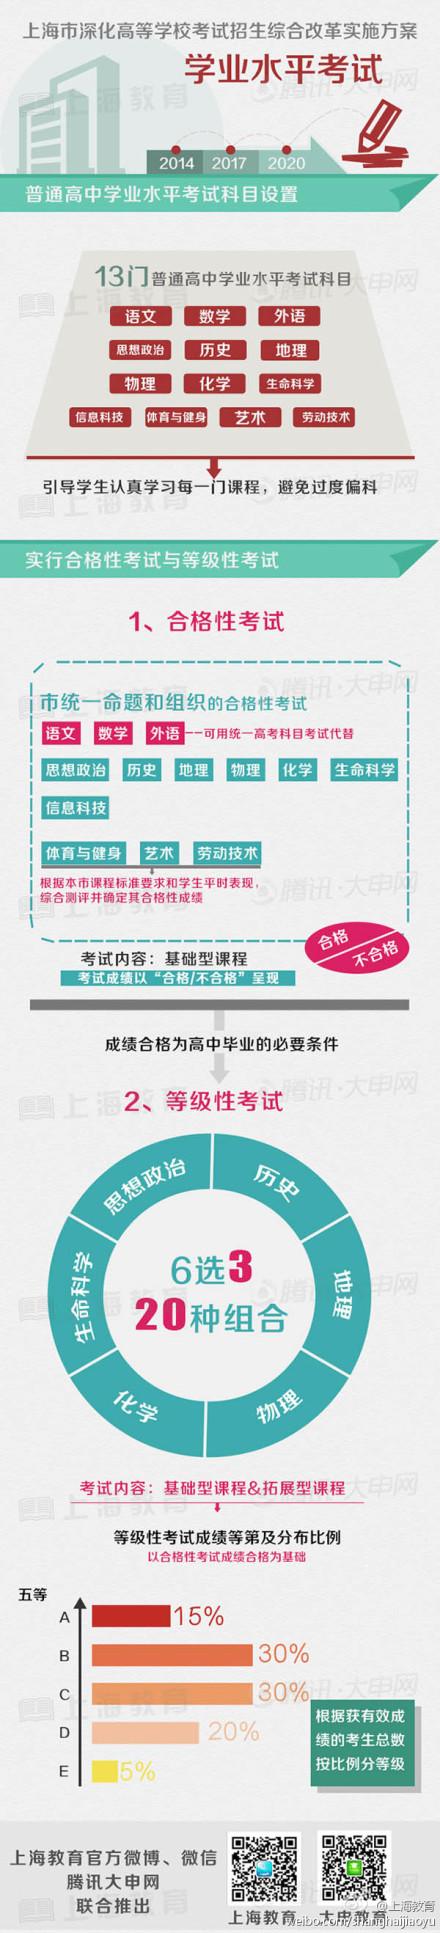 图解上海高考综合改革方案2